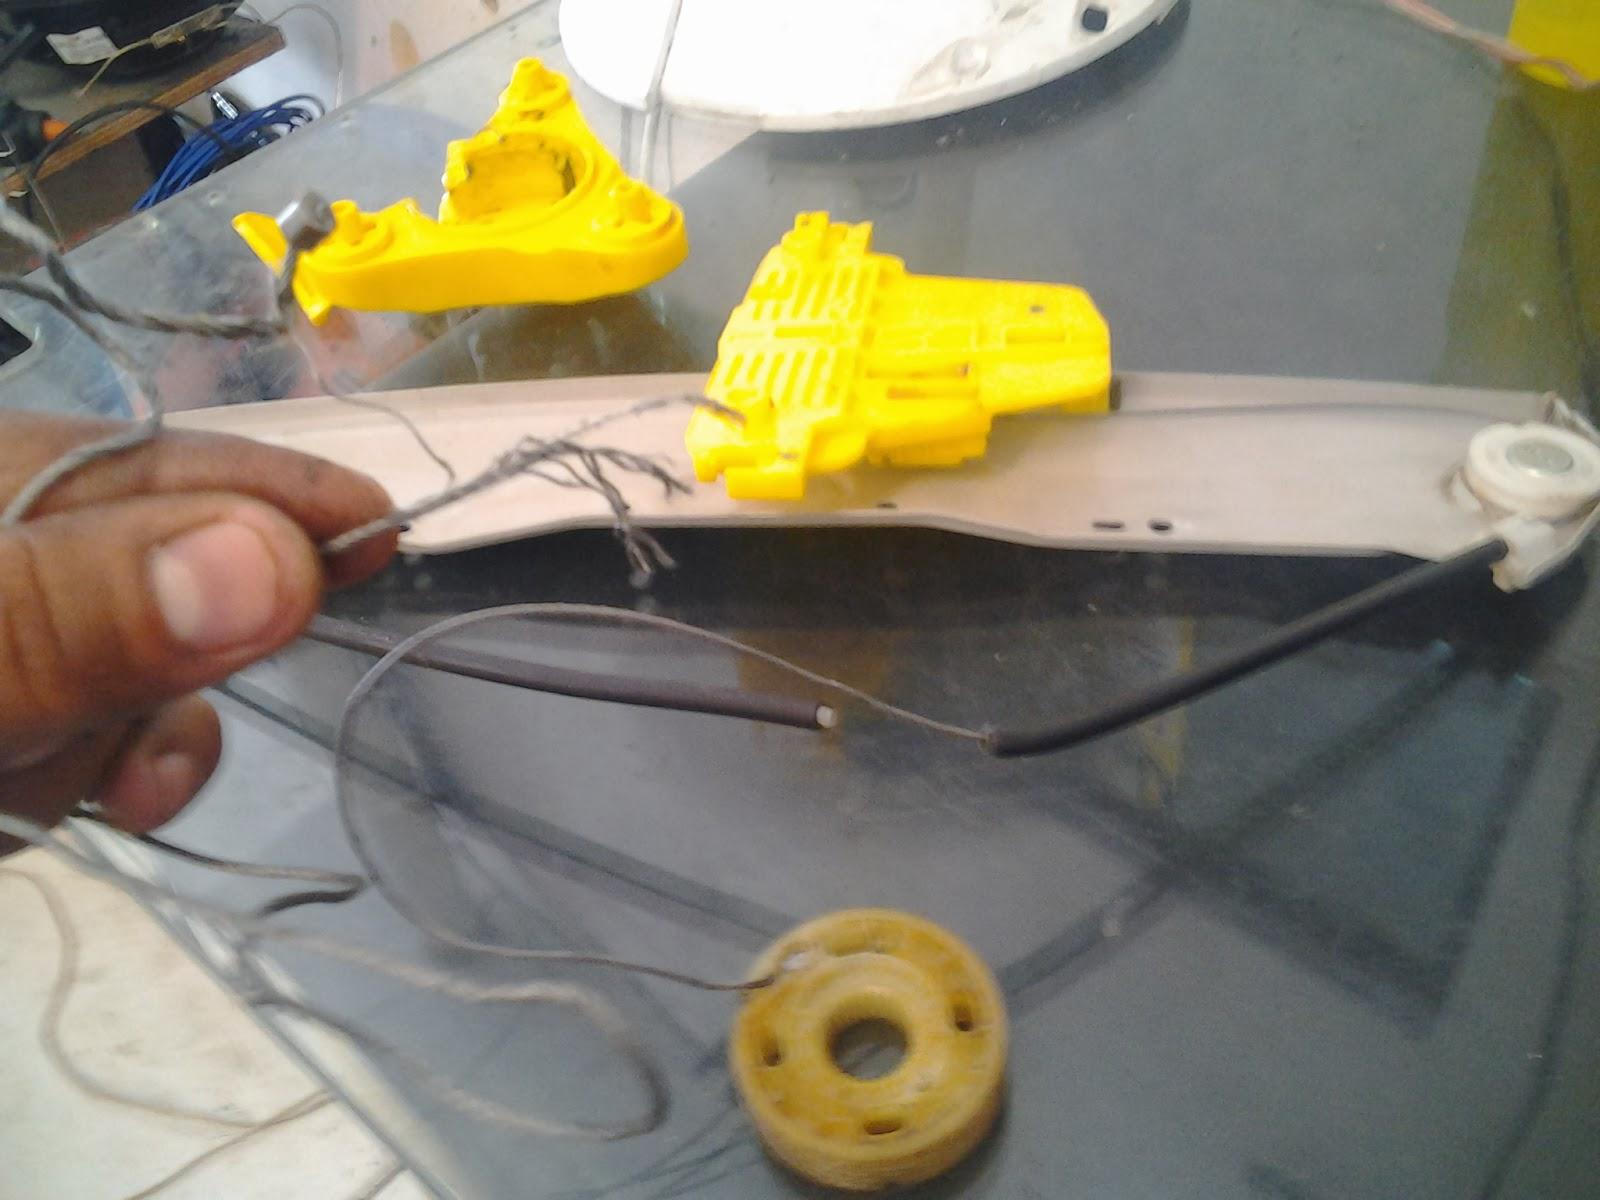 engenho elétrico quebrado